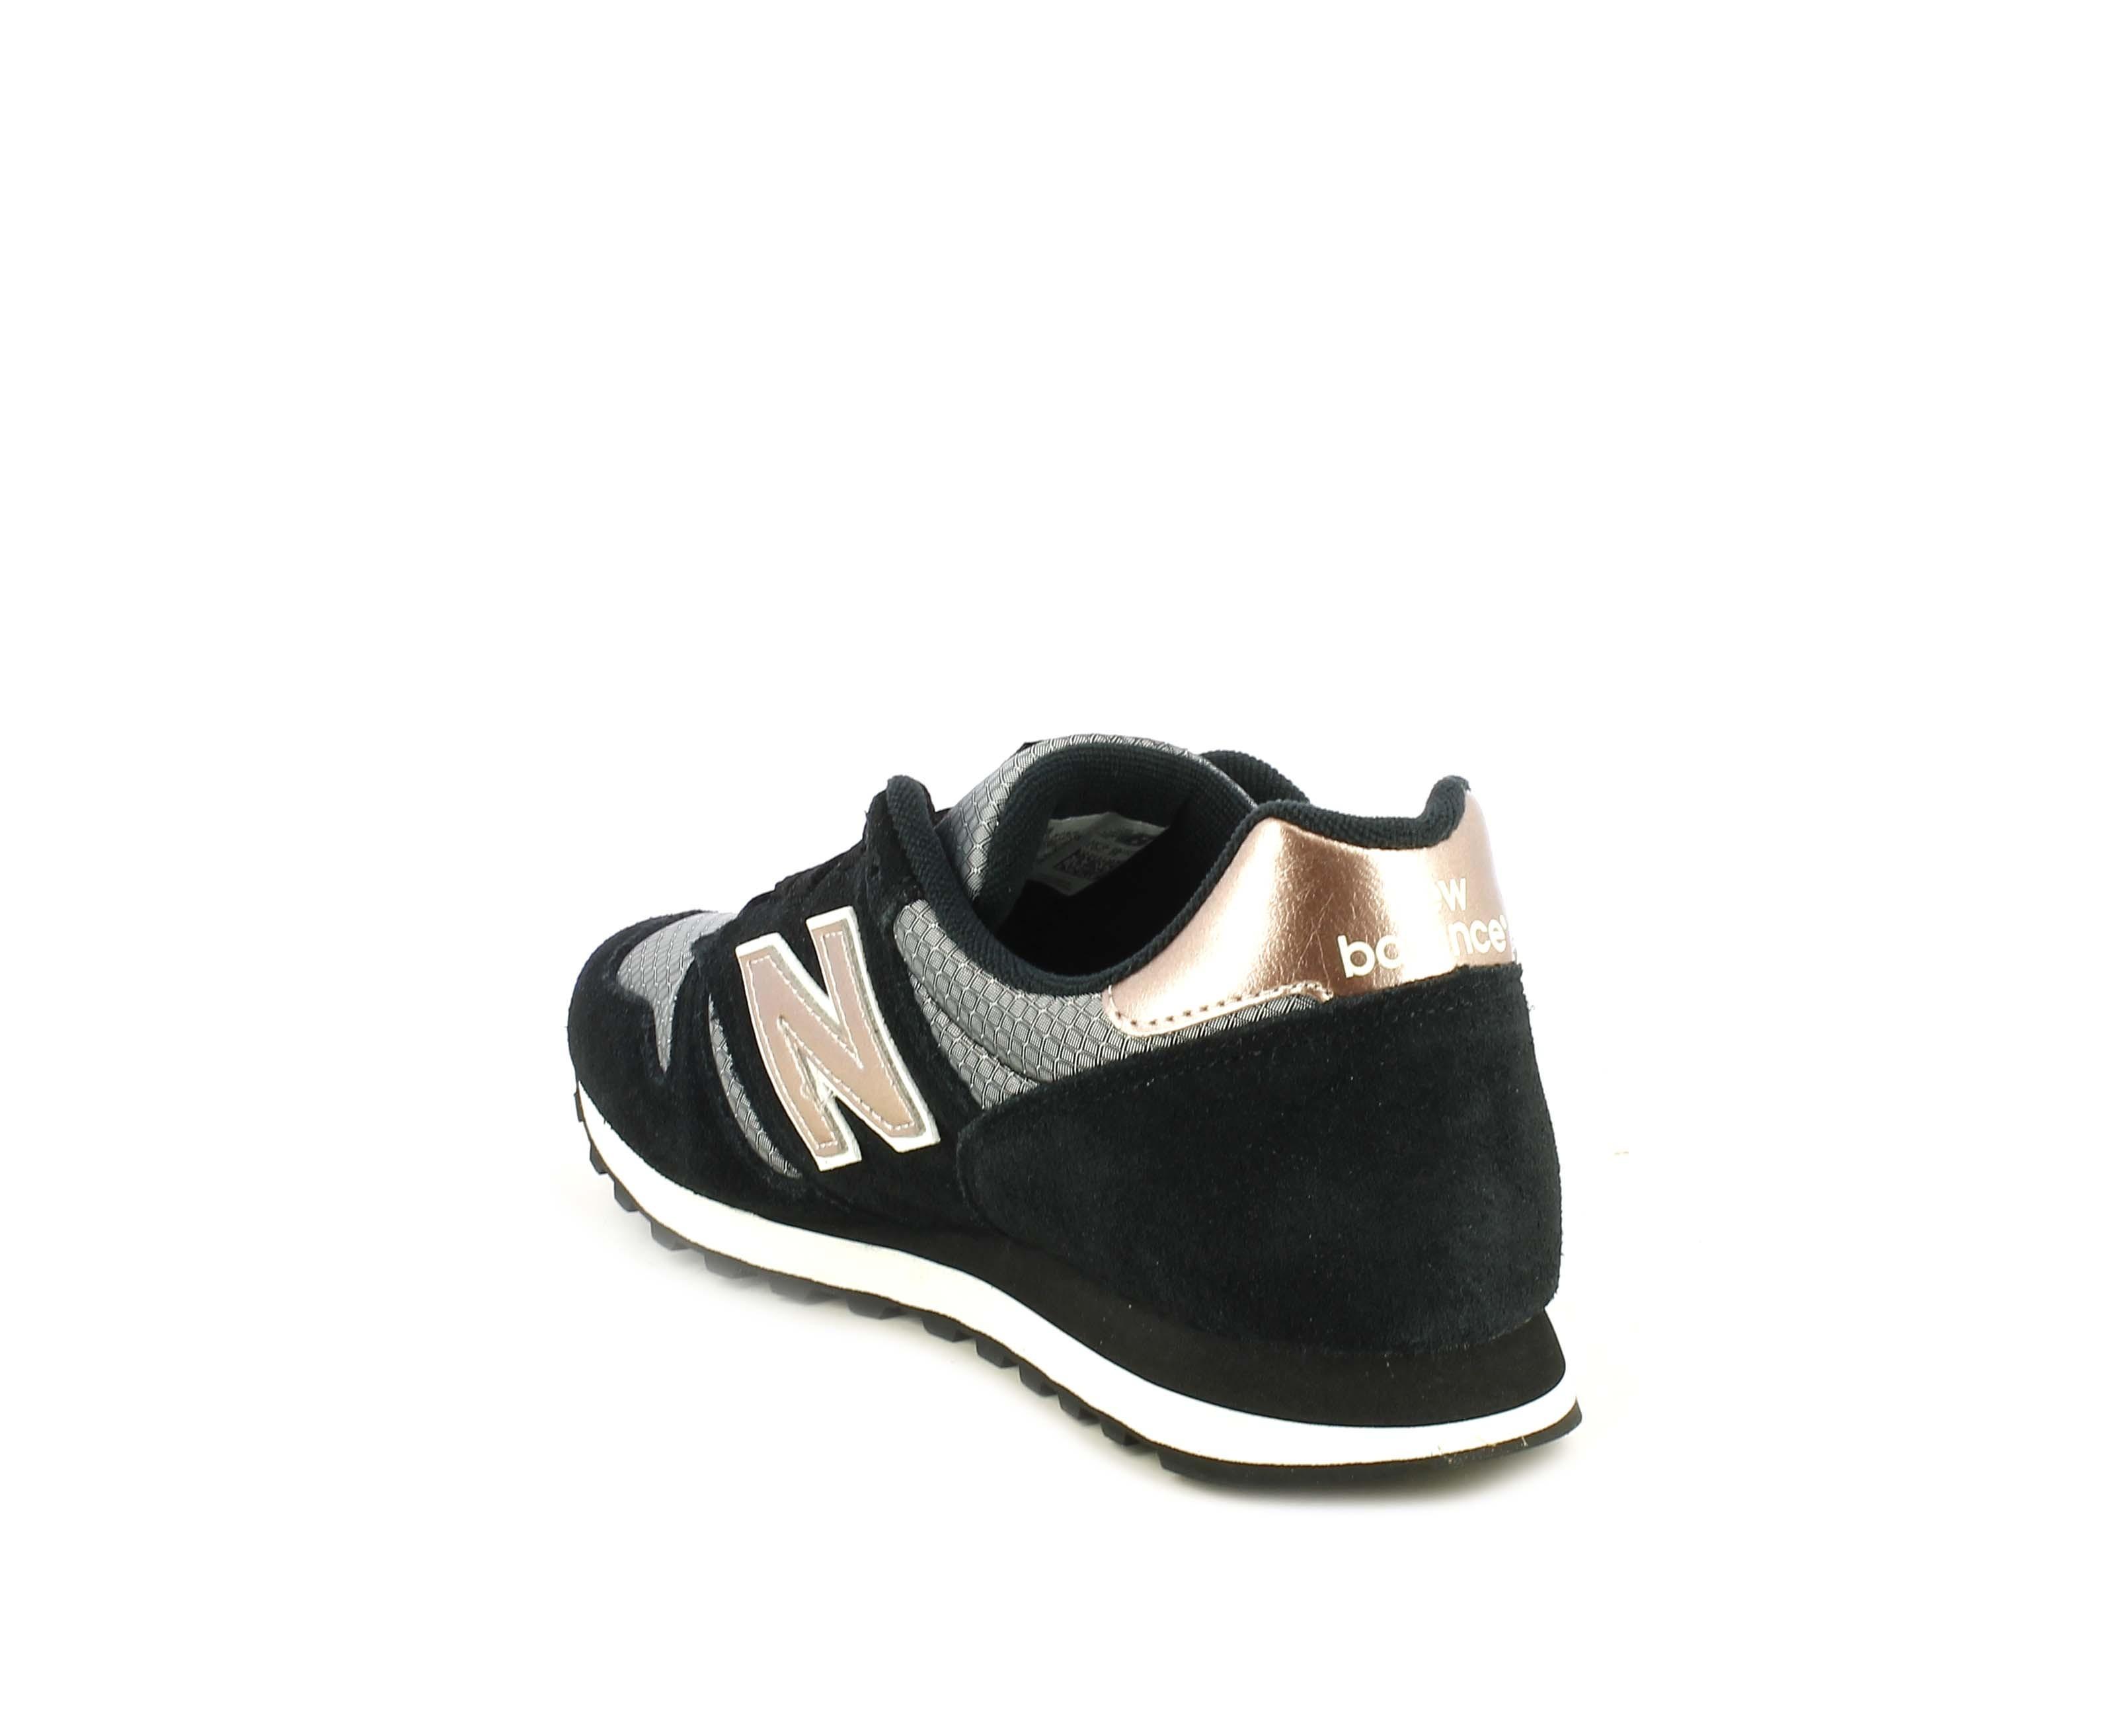 Zapatillas deportivas New Balance negras con detalles dorados